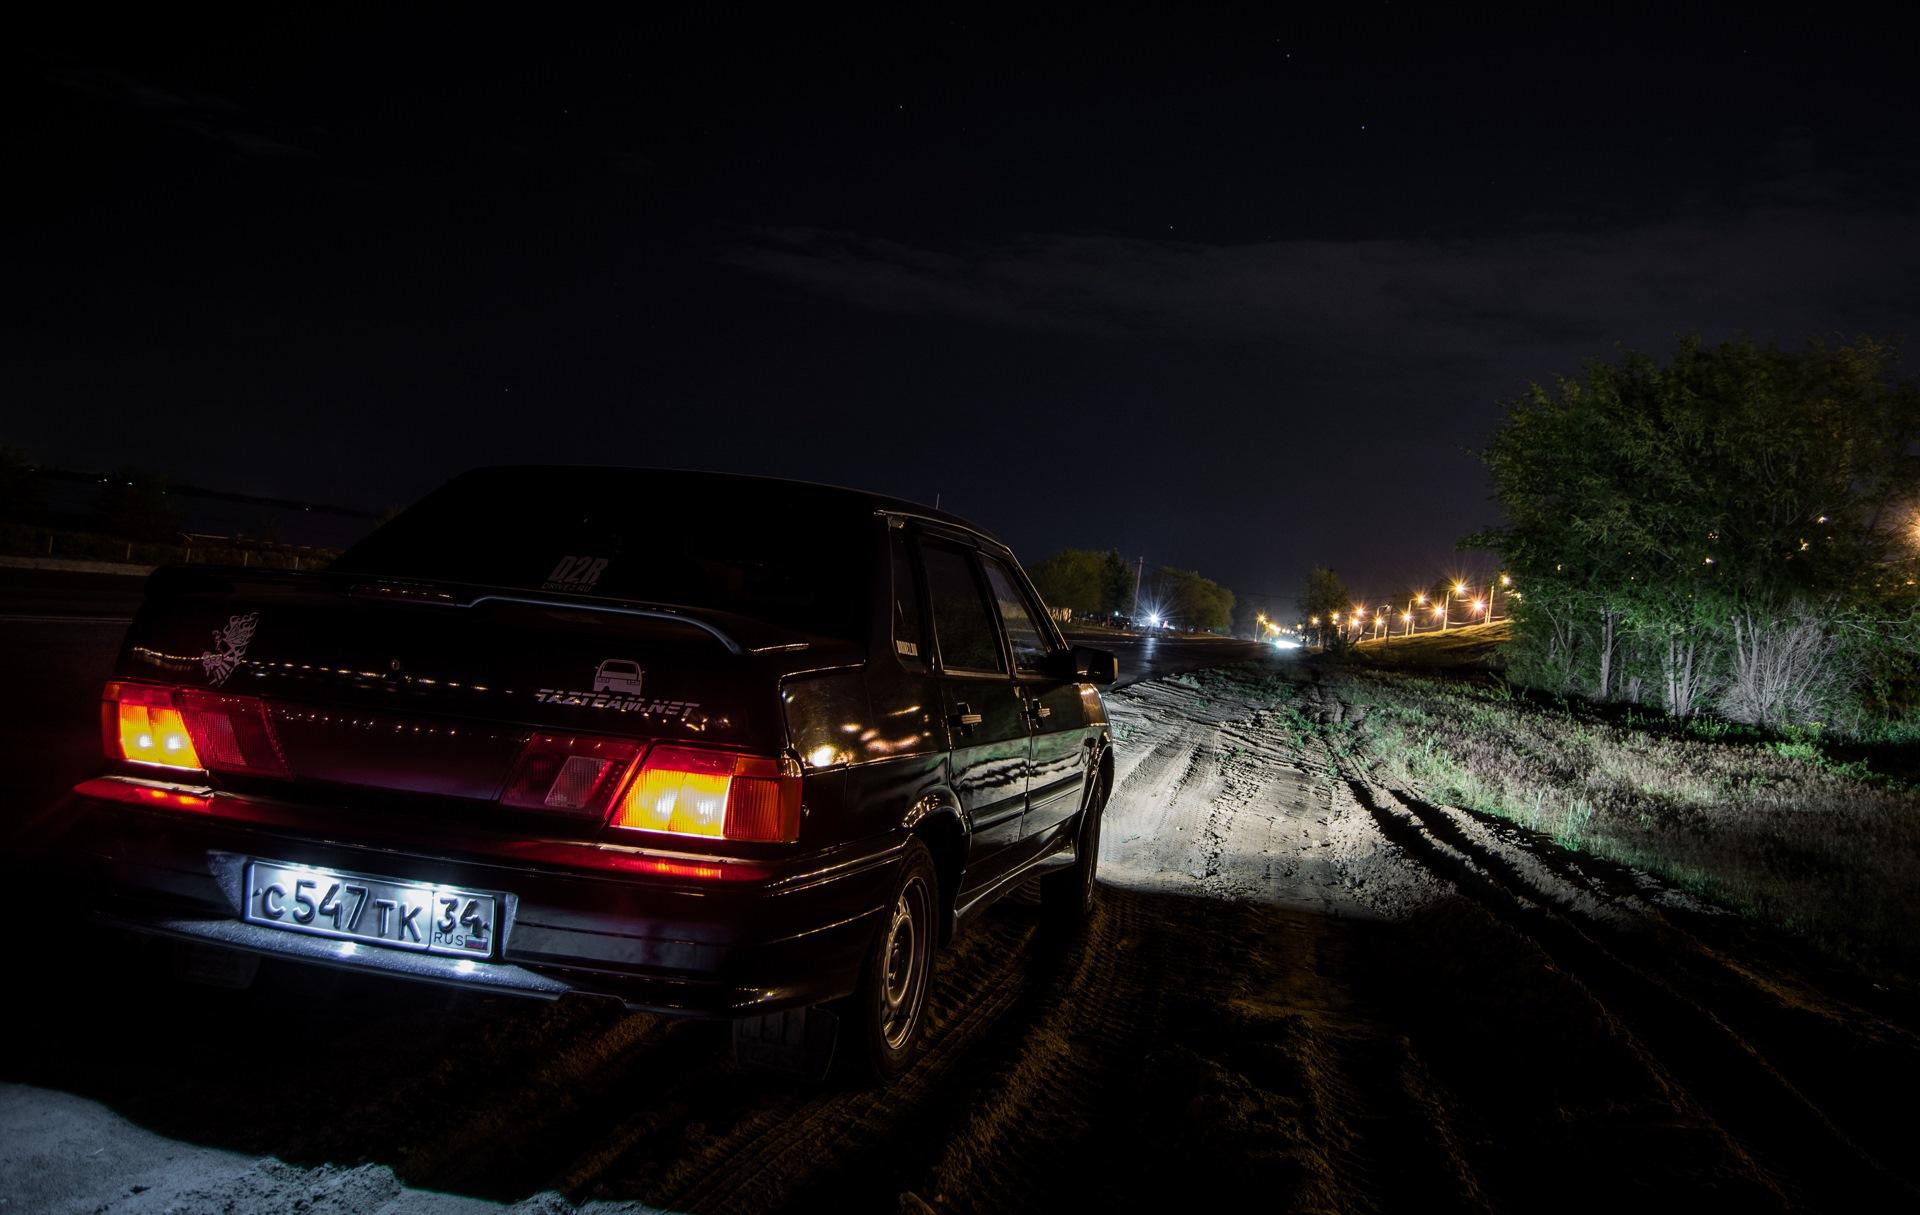 классический, как фото в машине лады ночью ягуарунди невысокие, очень